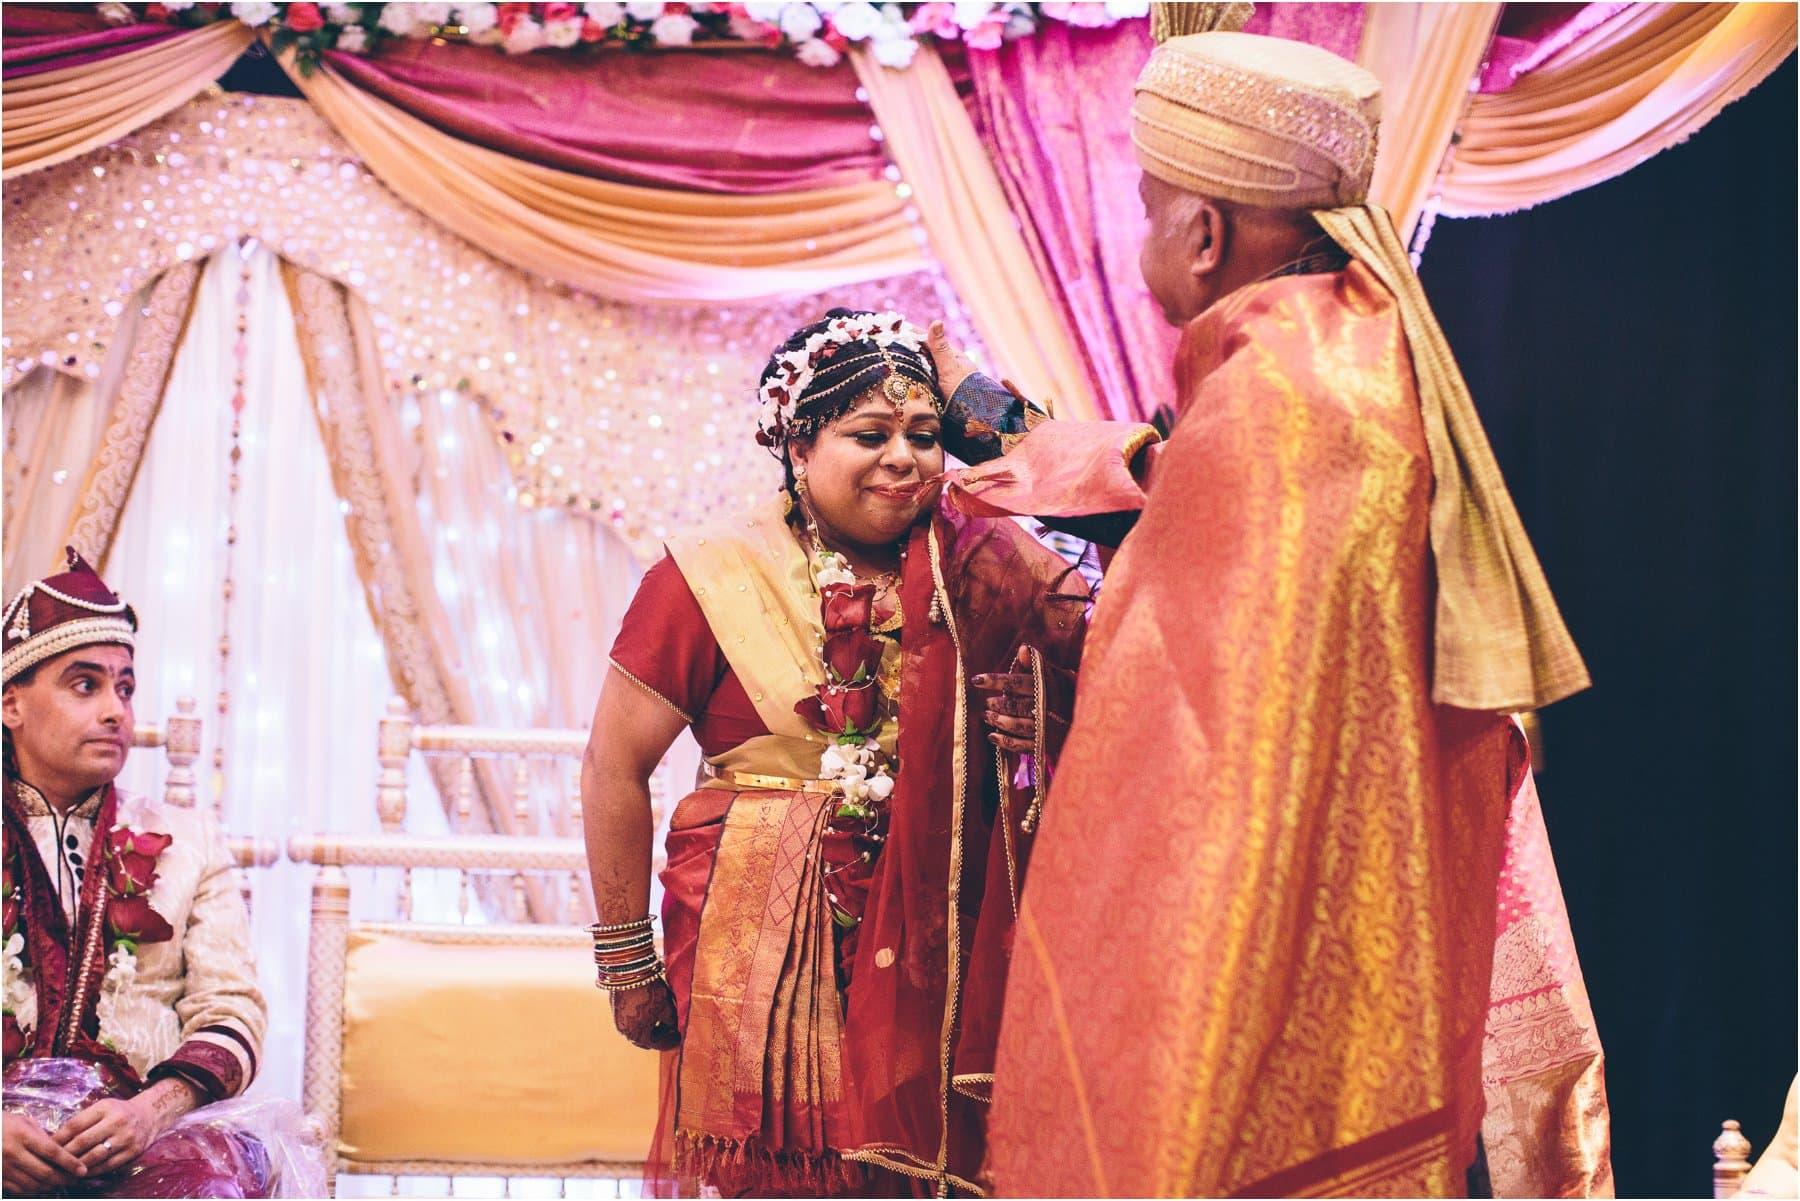 Lancashire_Indian_Wedding_Photography_0119